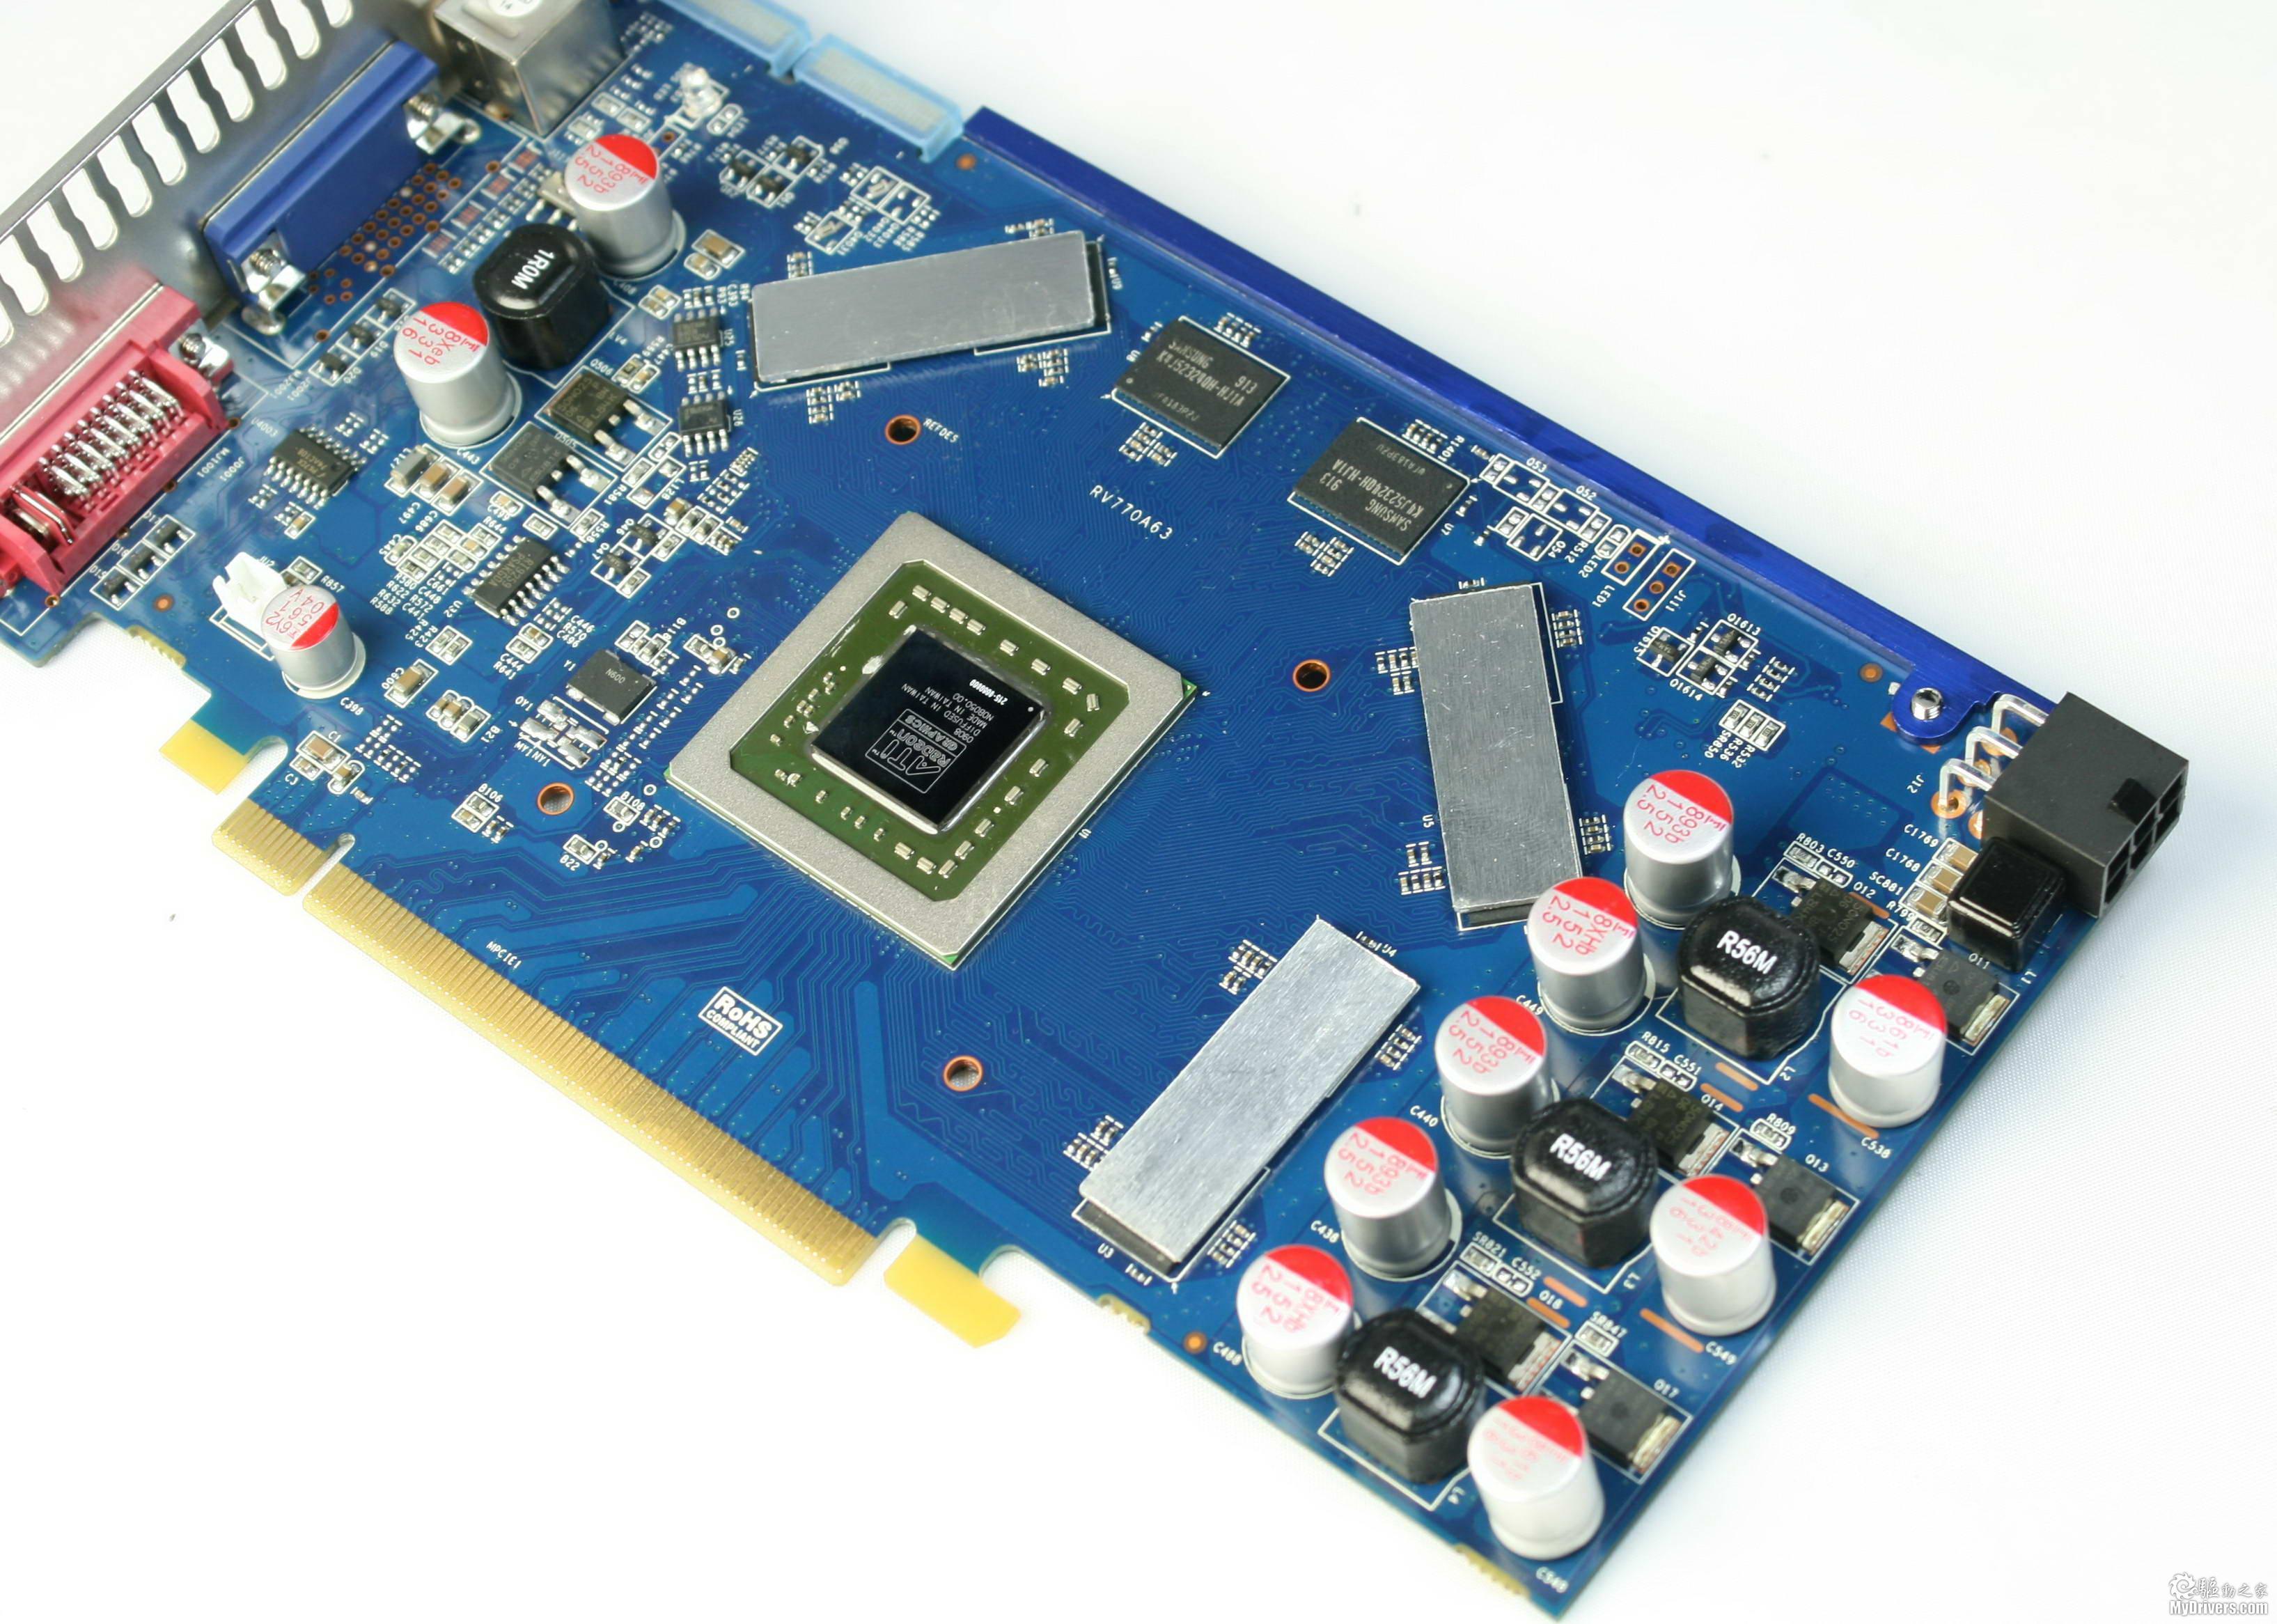 [2.昂达HD 4850神戈版赏析]  显卡全貌 昂达HD 4850采用了蓝色非公版设计,外观看起来很清爽,金黄色的散热器也是一大亮点。  黄金翼散热器 这款显卡使用的是昂达的黄金翼散热器,一体化涡轮设计配合3800转的8cm大风扇和密集的铝制散热鳍片可将显卡核心产生的热量快速排出,散热能力很不错。  RV770核心 显卡所用的RV770核心无论是性能还是功耗都经历了一年多的考验,如今的性价比非常高。RV770支持最新的DX10.